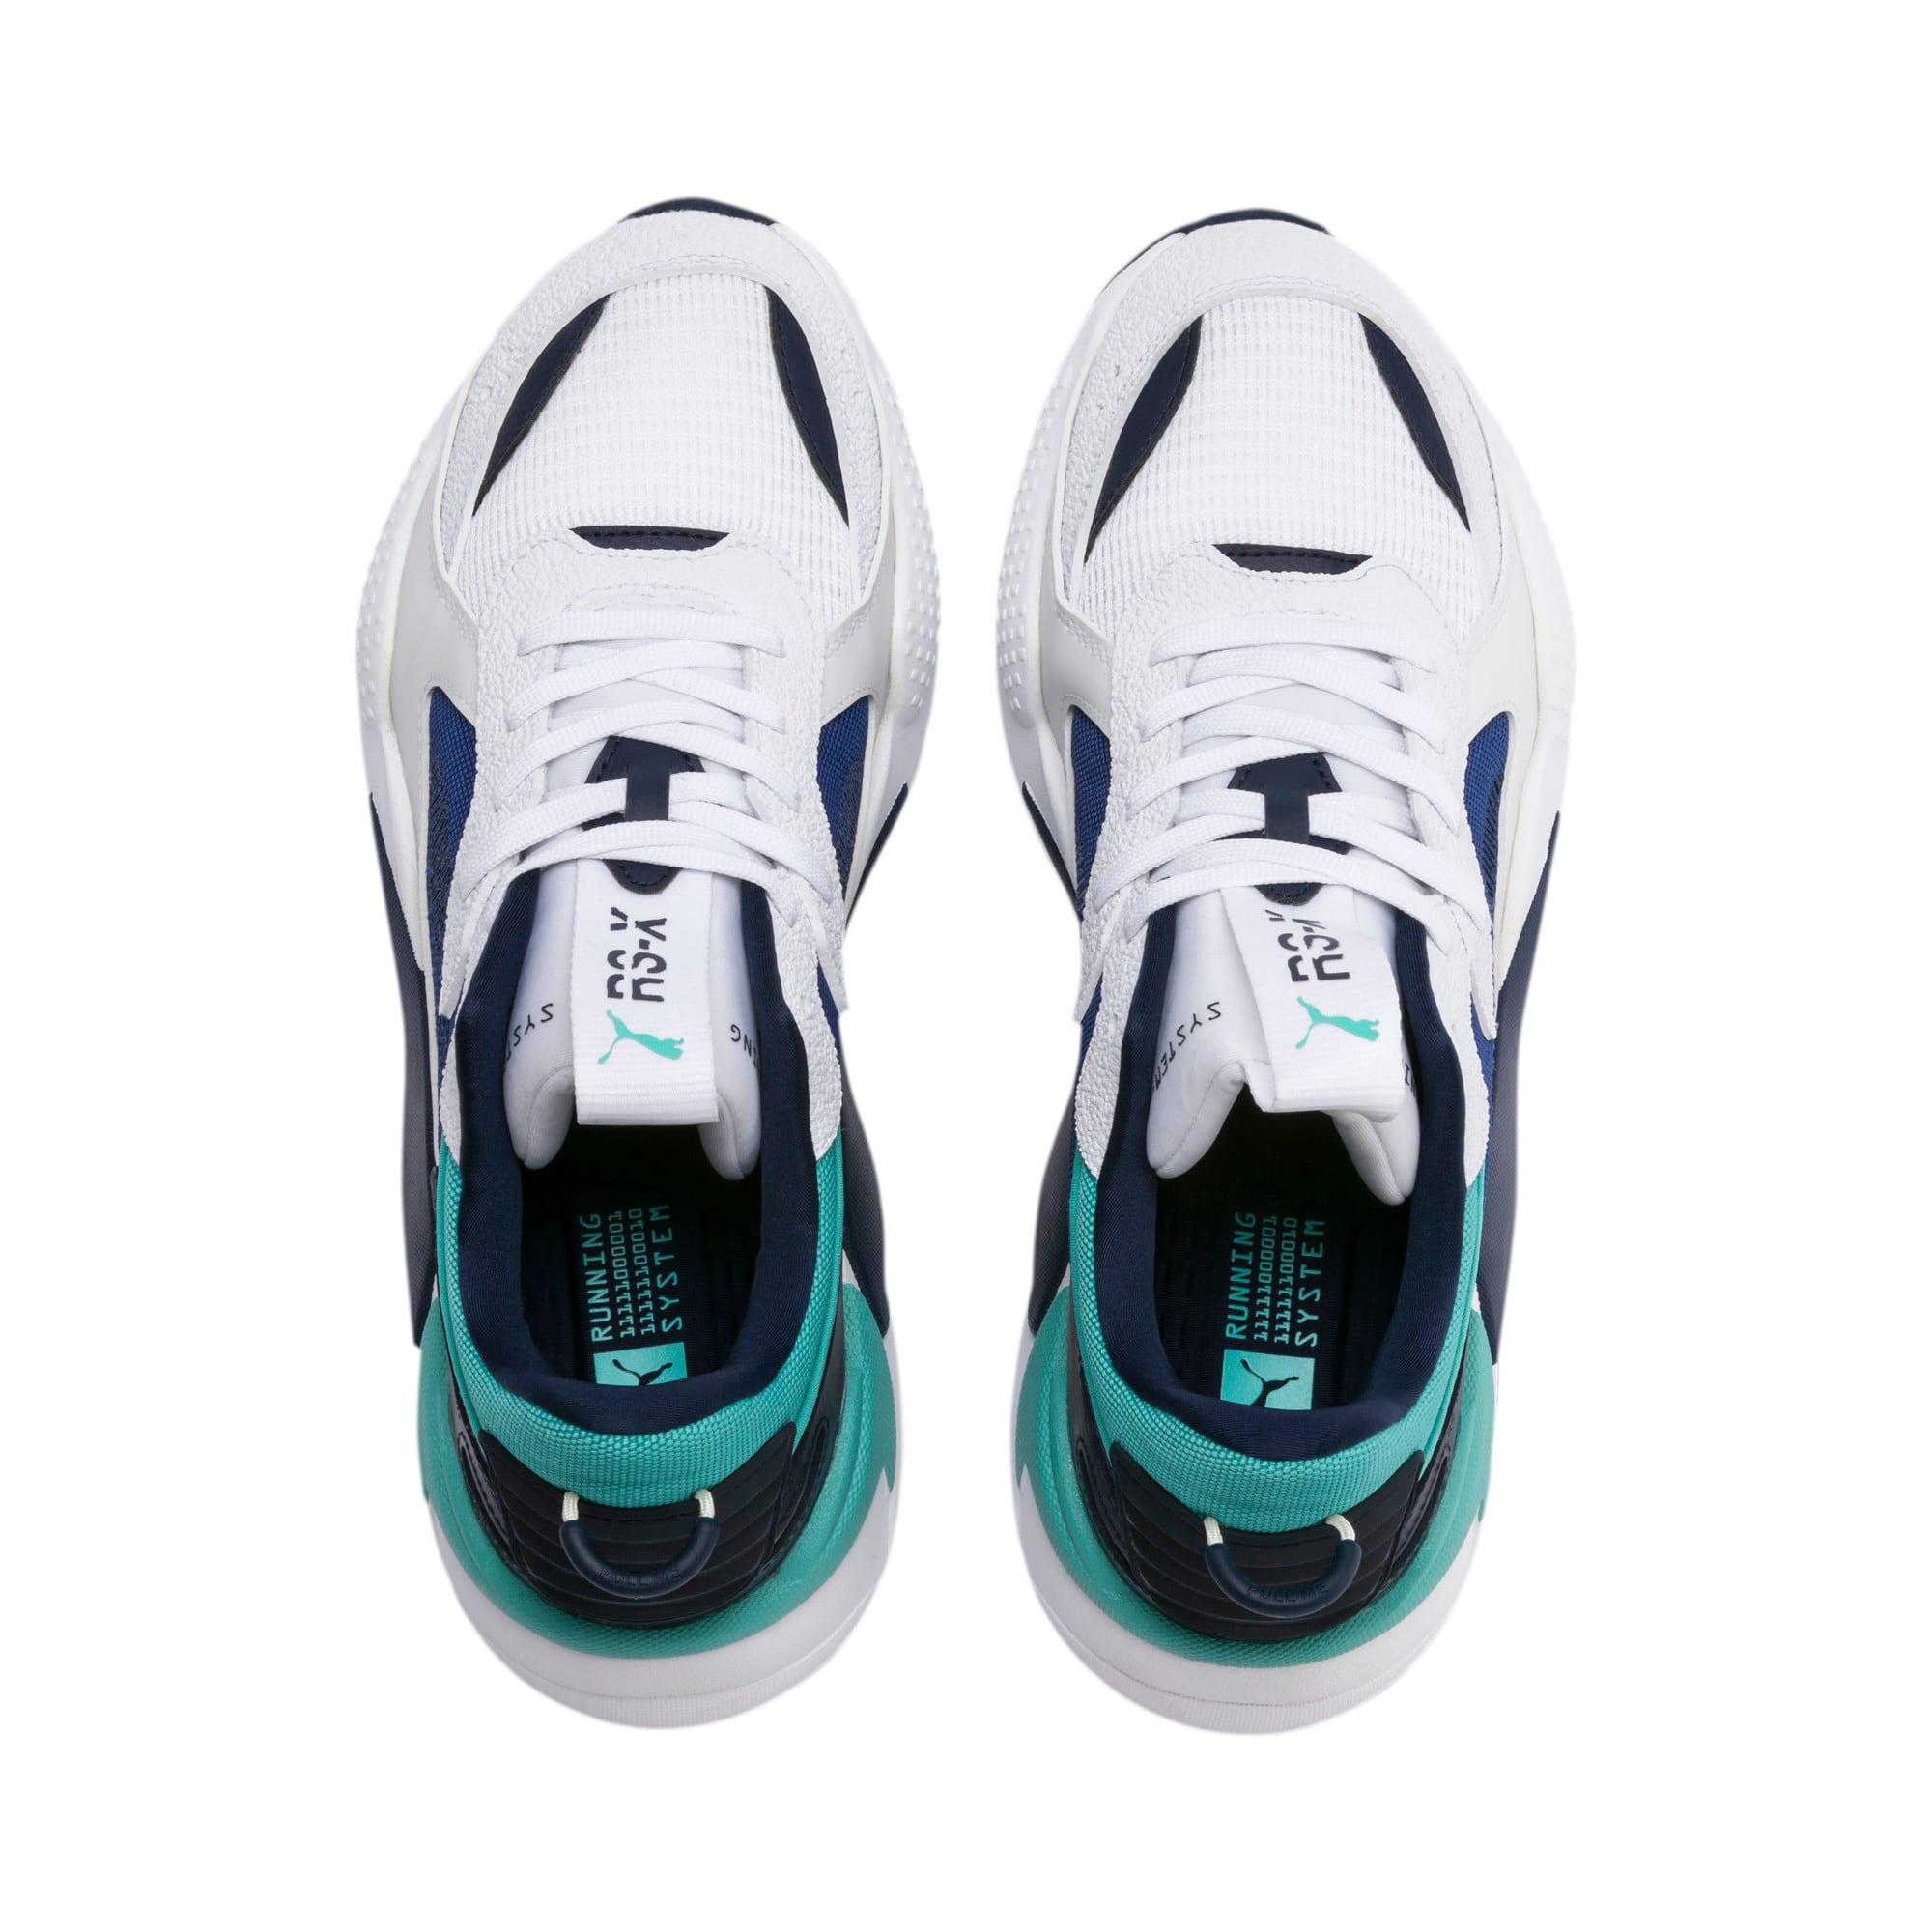 Thumbnail 6 of Basket RS-X Tracks Drive, Puma White-Galaxy Blue, medium